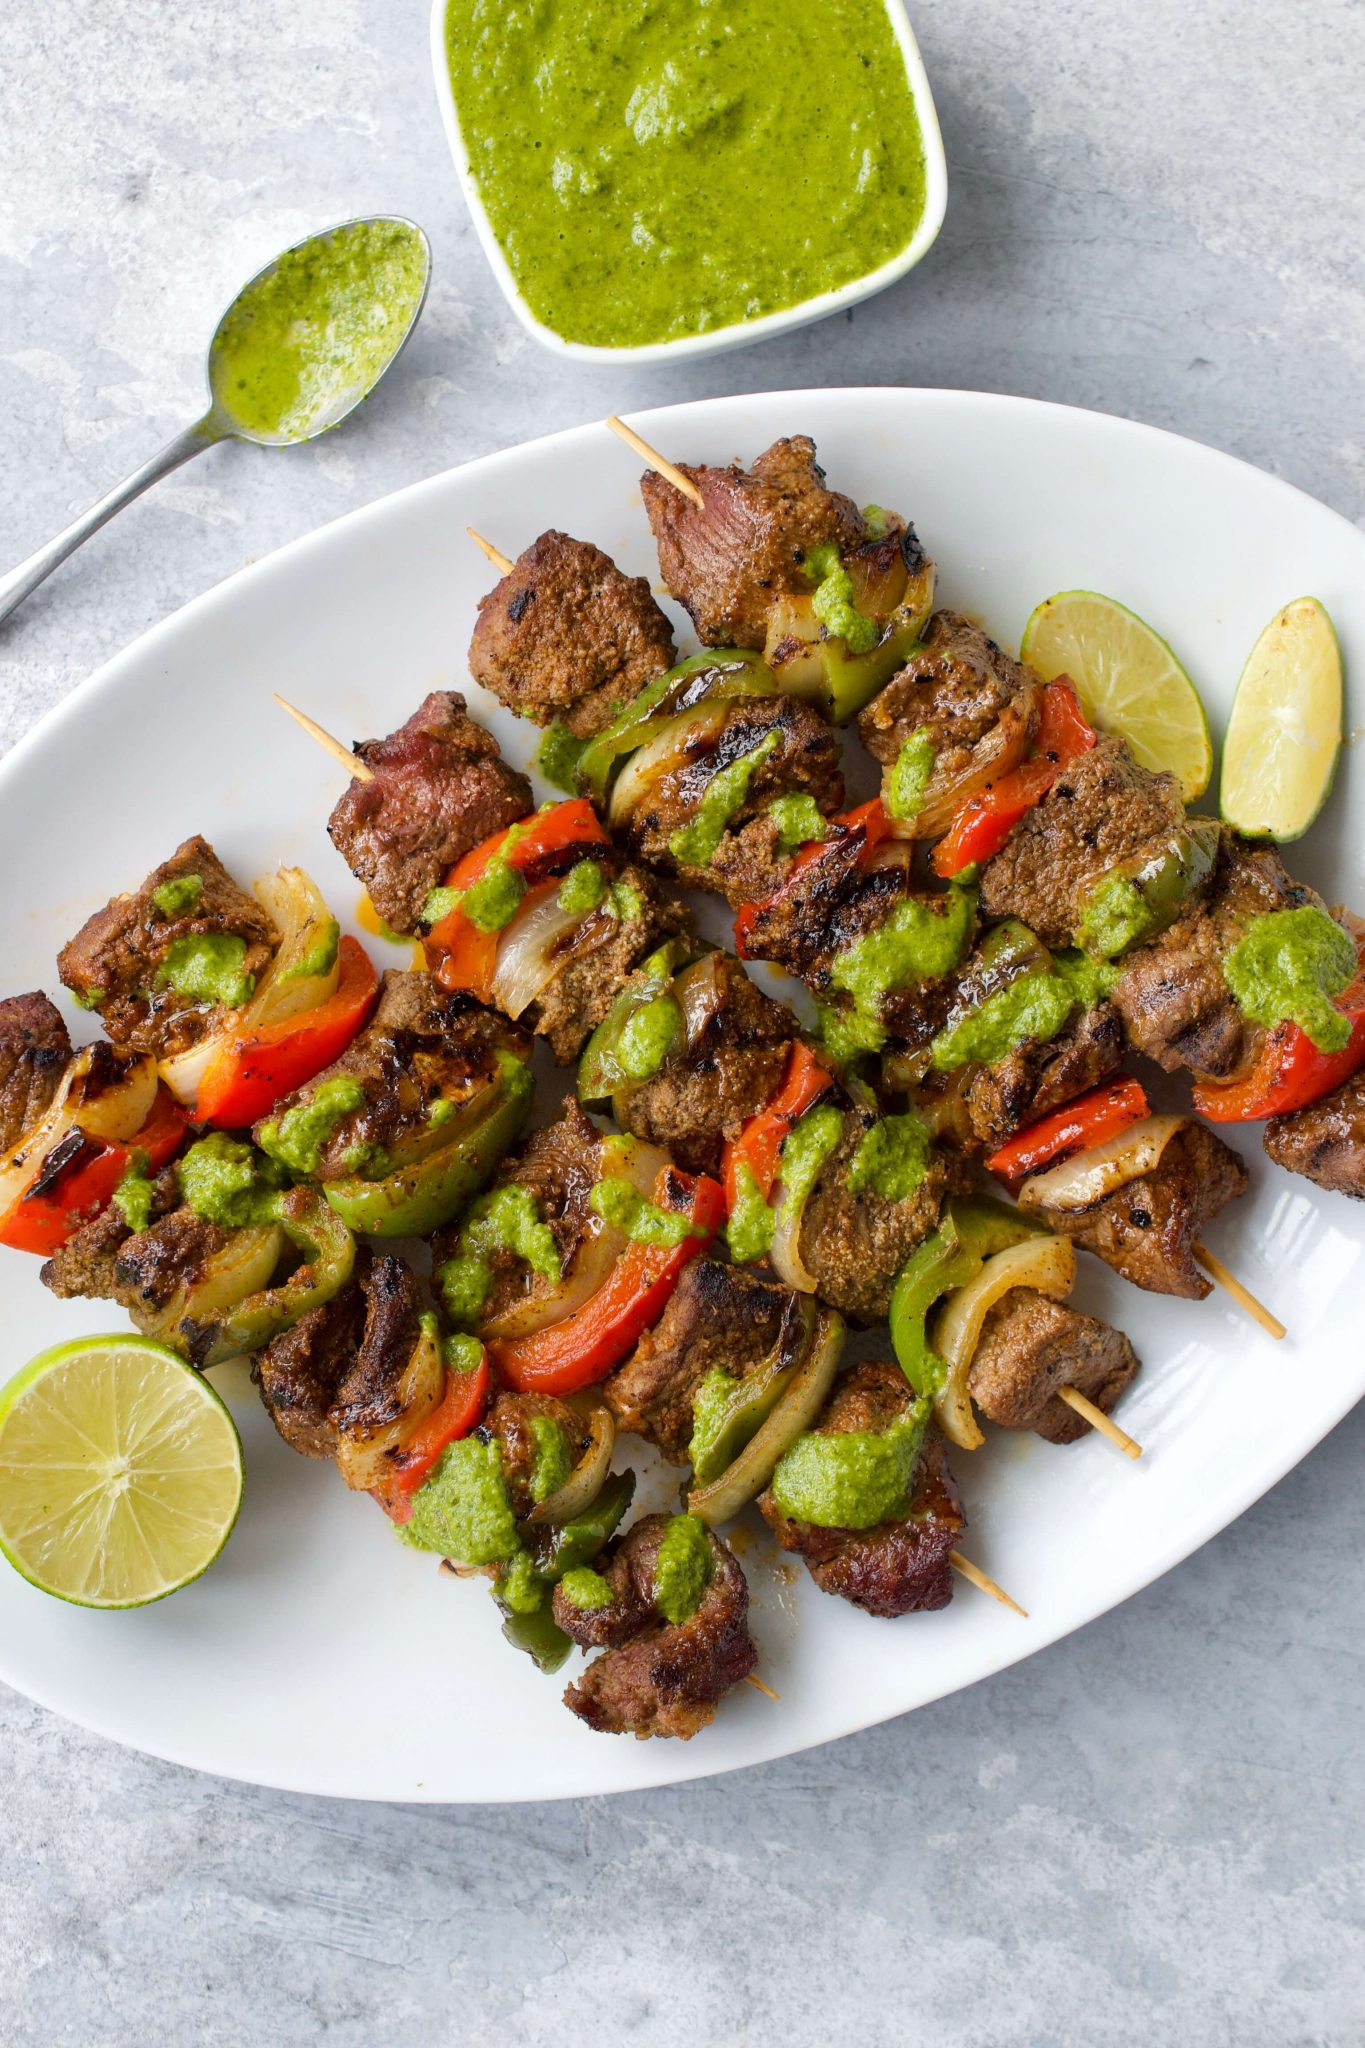 Steak Fajita Skewers with Cilantro Chimichurri